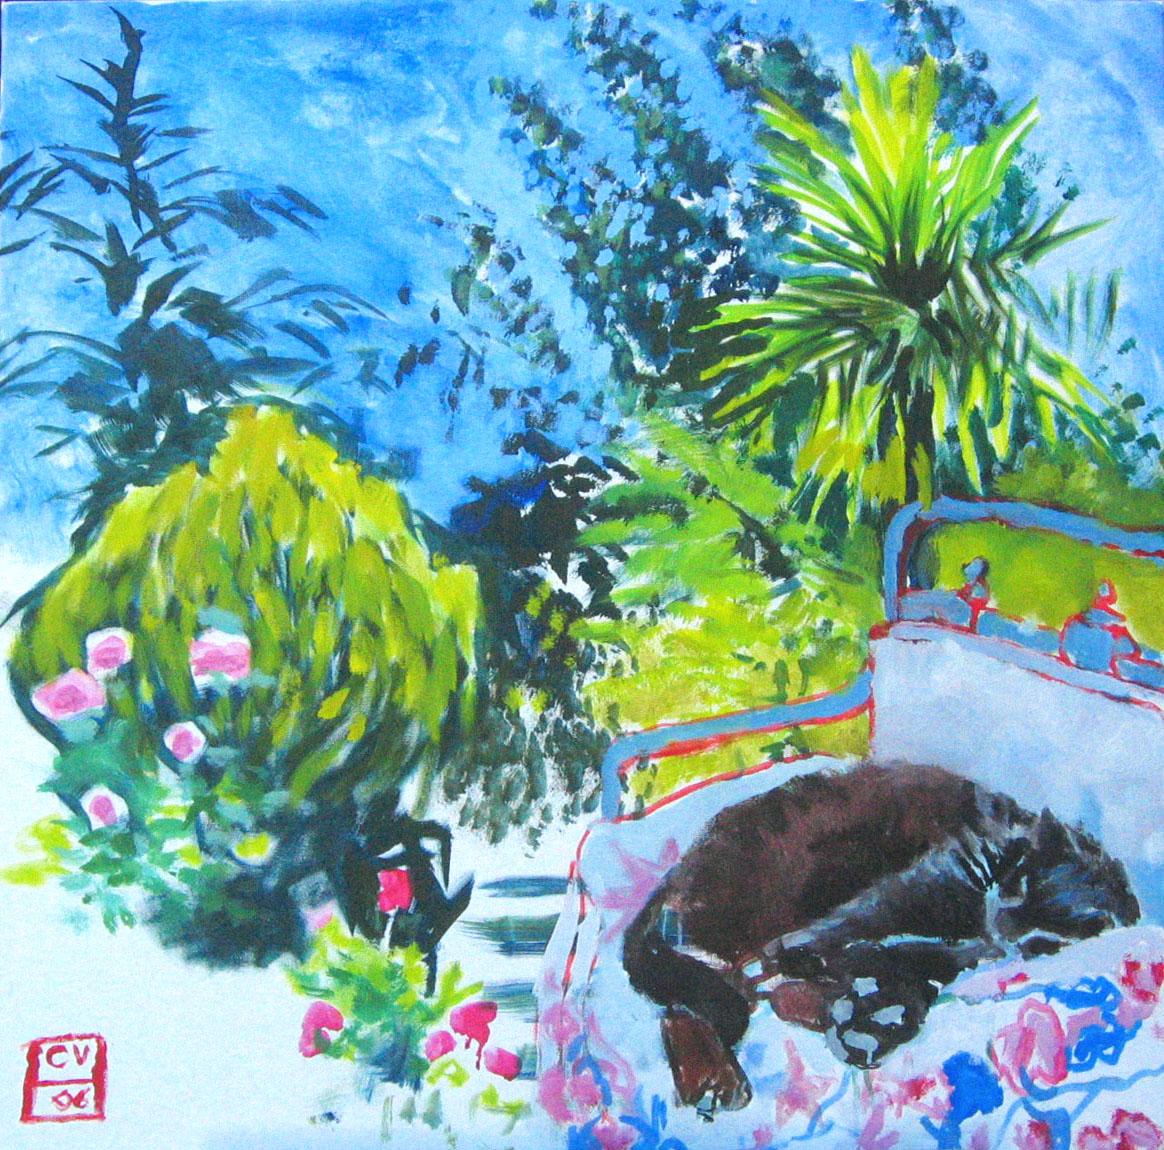 Bienheureux-2006–100 × 100 cm